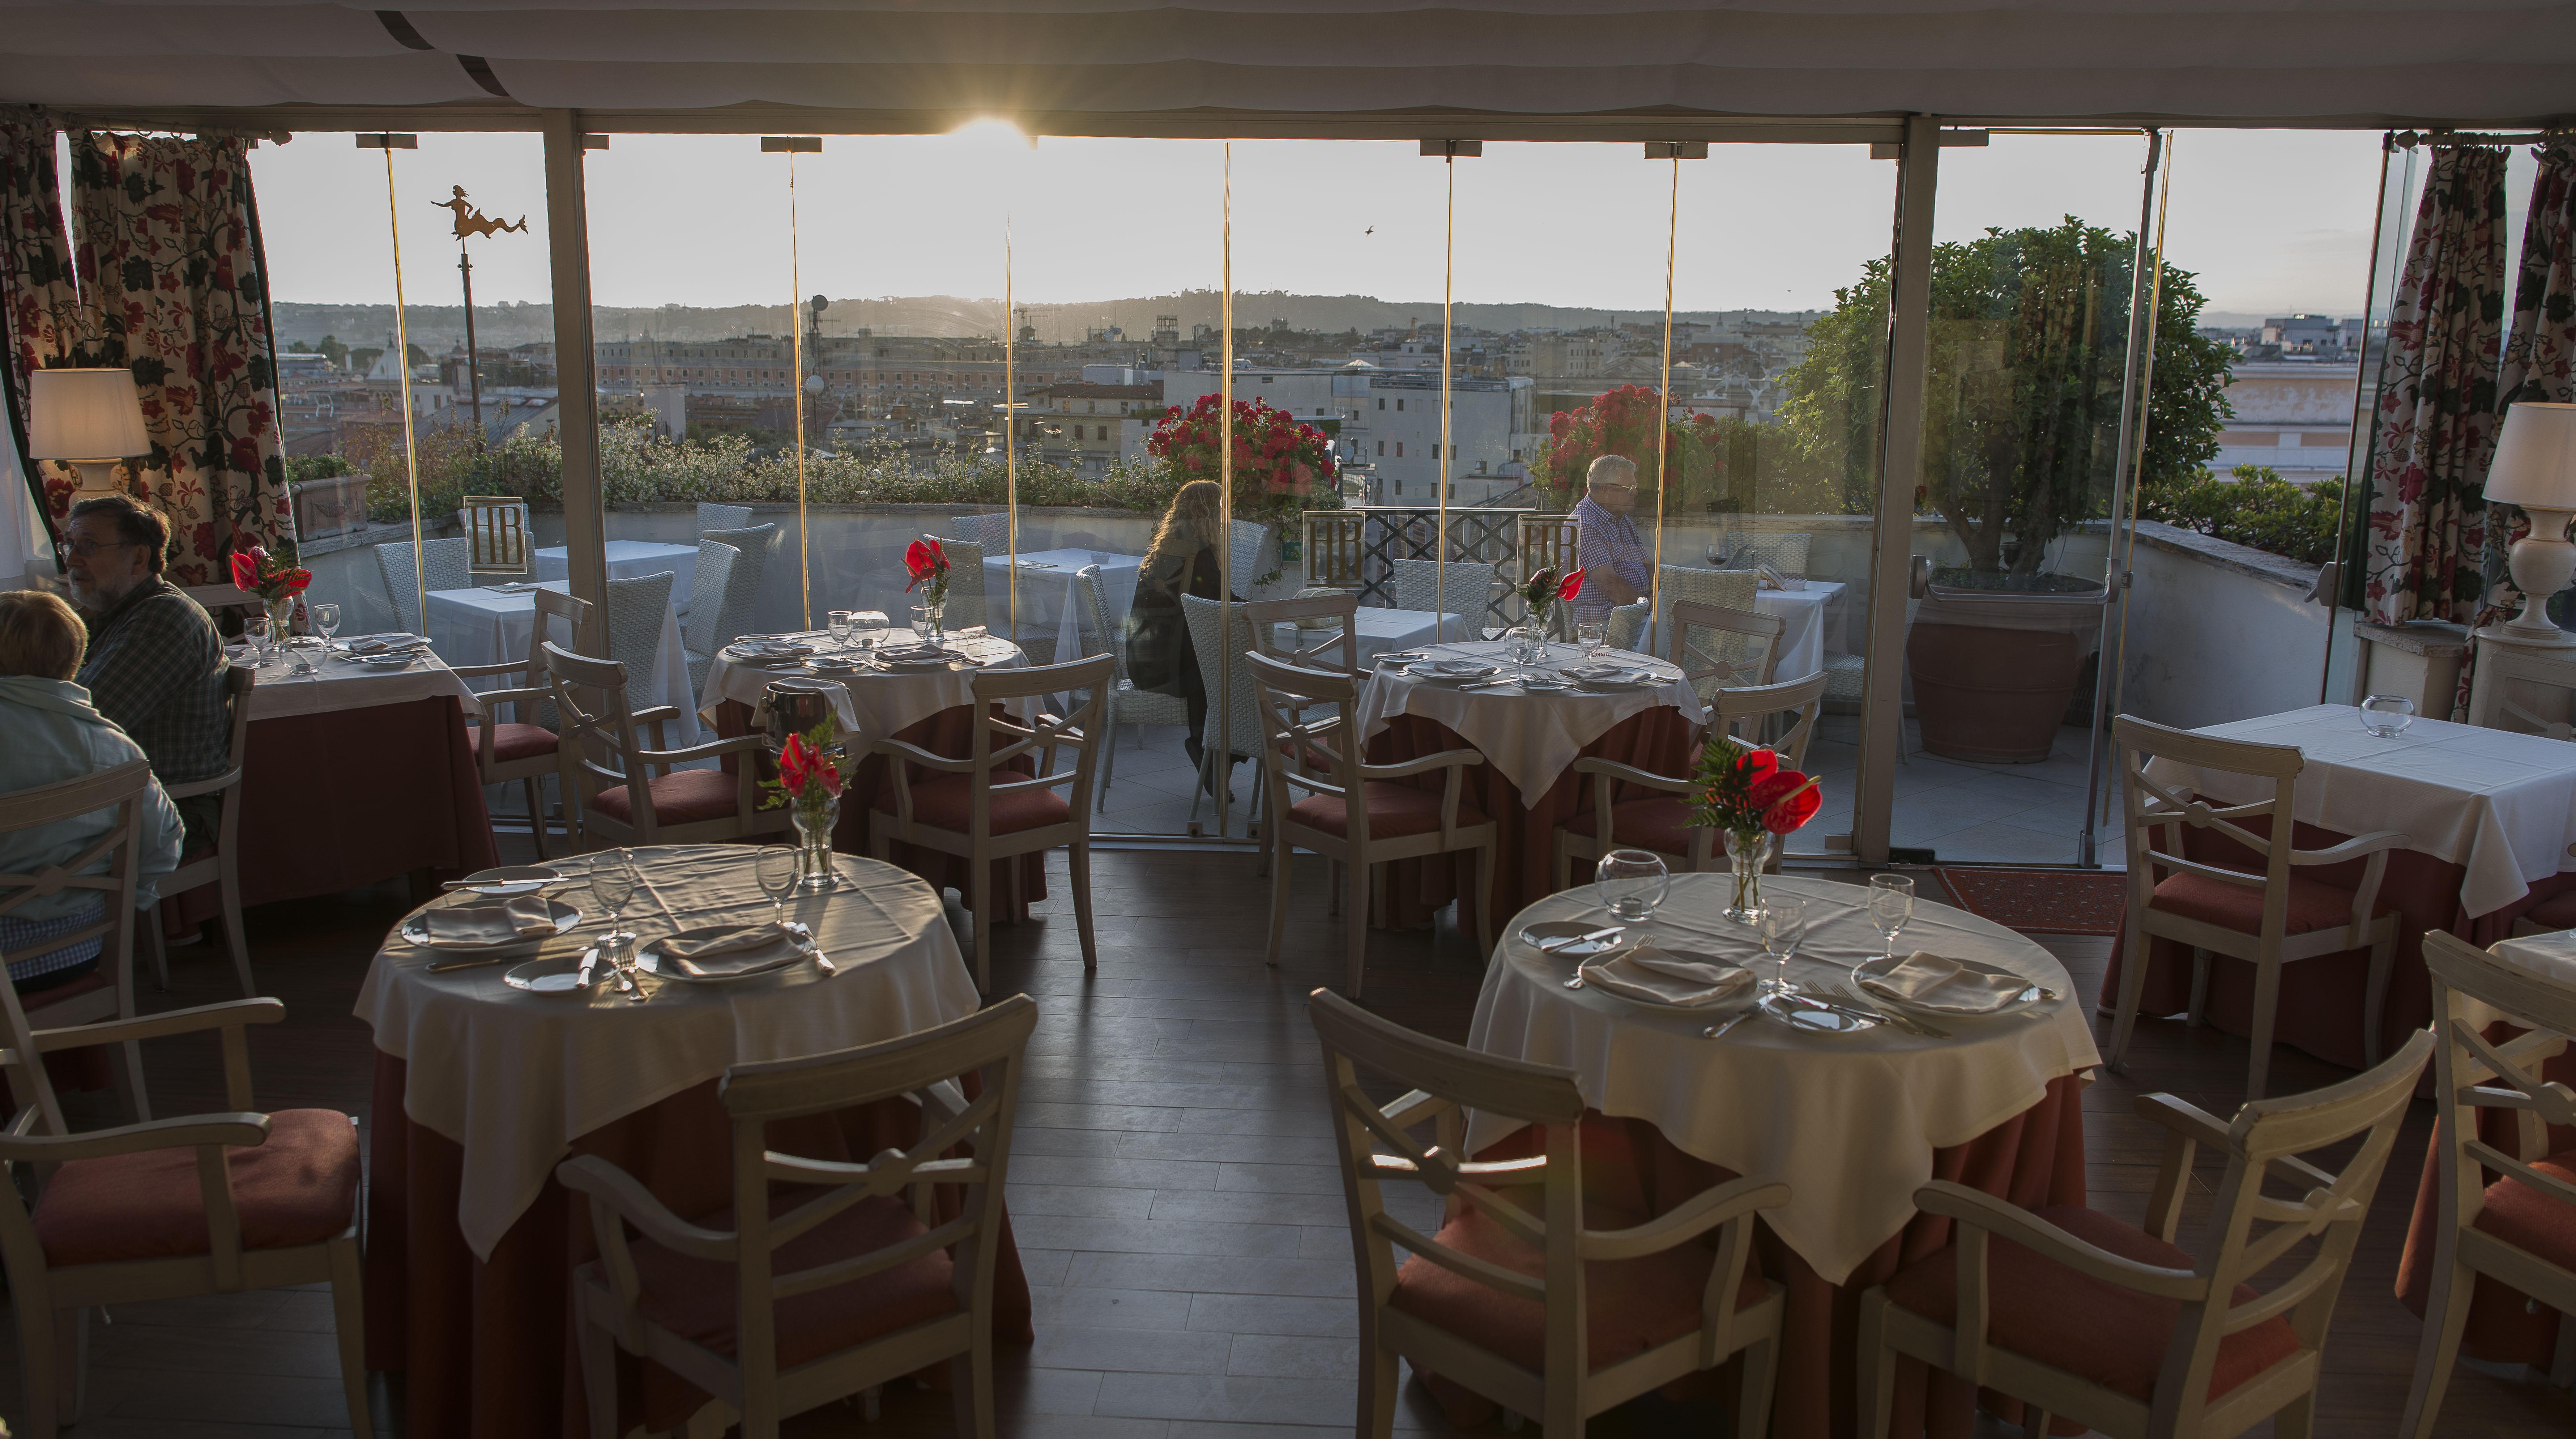 Bettoja Hotels Collection elimina le bottiglie di plastica dai suoi 3 hotel romani